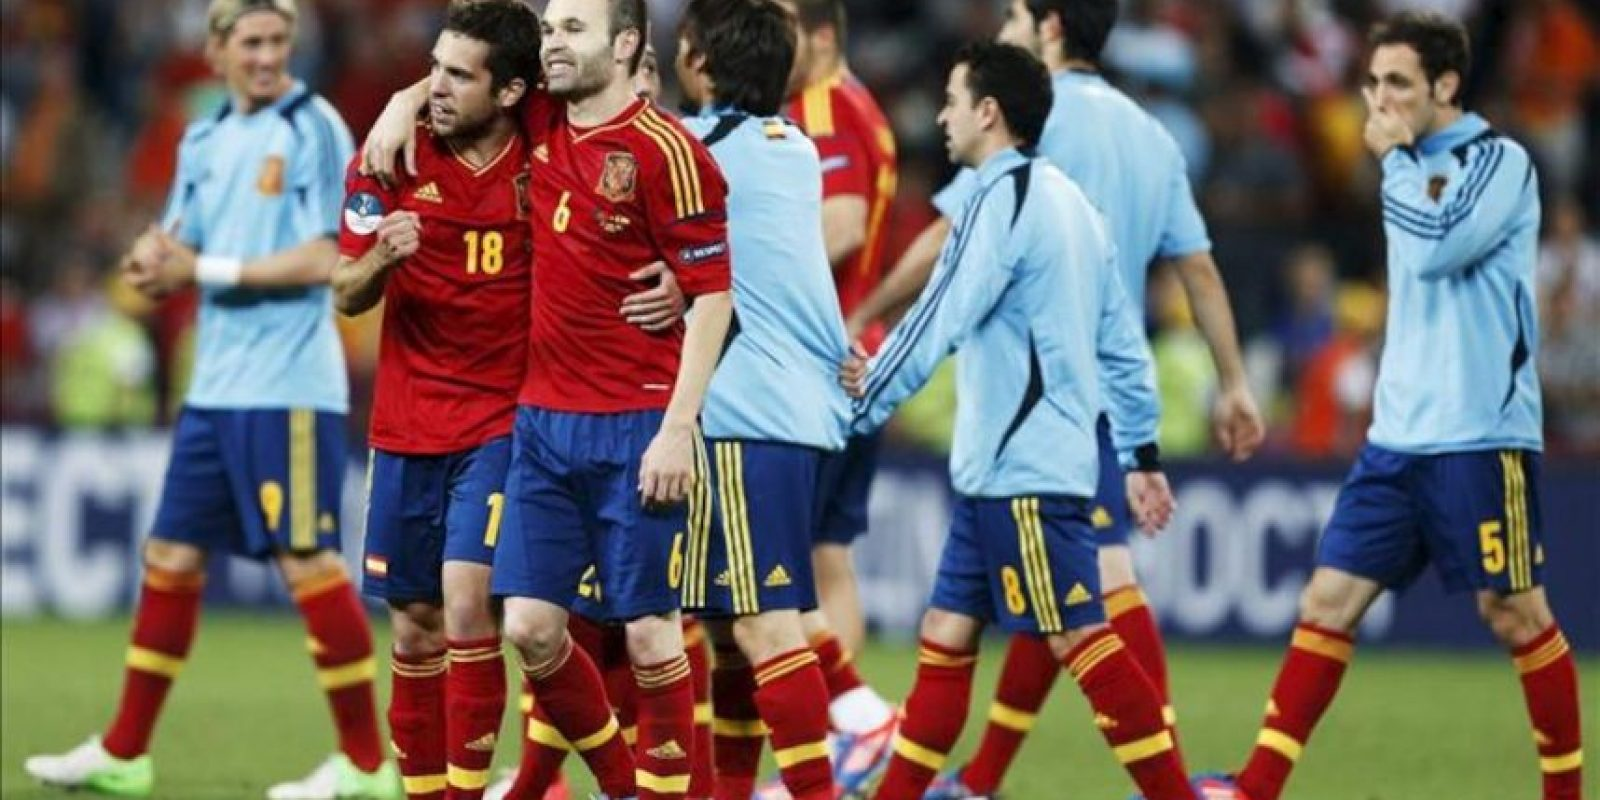 Los jugadores españoles Andres Iniesta (frente-d) y Jordi Alba (frente-i) celebran después de ganar en la serie de penaltis durante la semifinal de la Eurocopa 2012 entre Portugal vs. España en Donetsk (Ucrania). EFE/Archivo